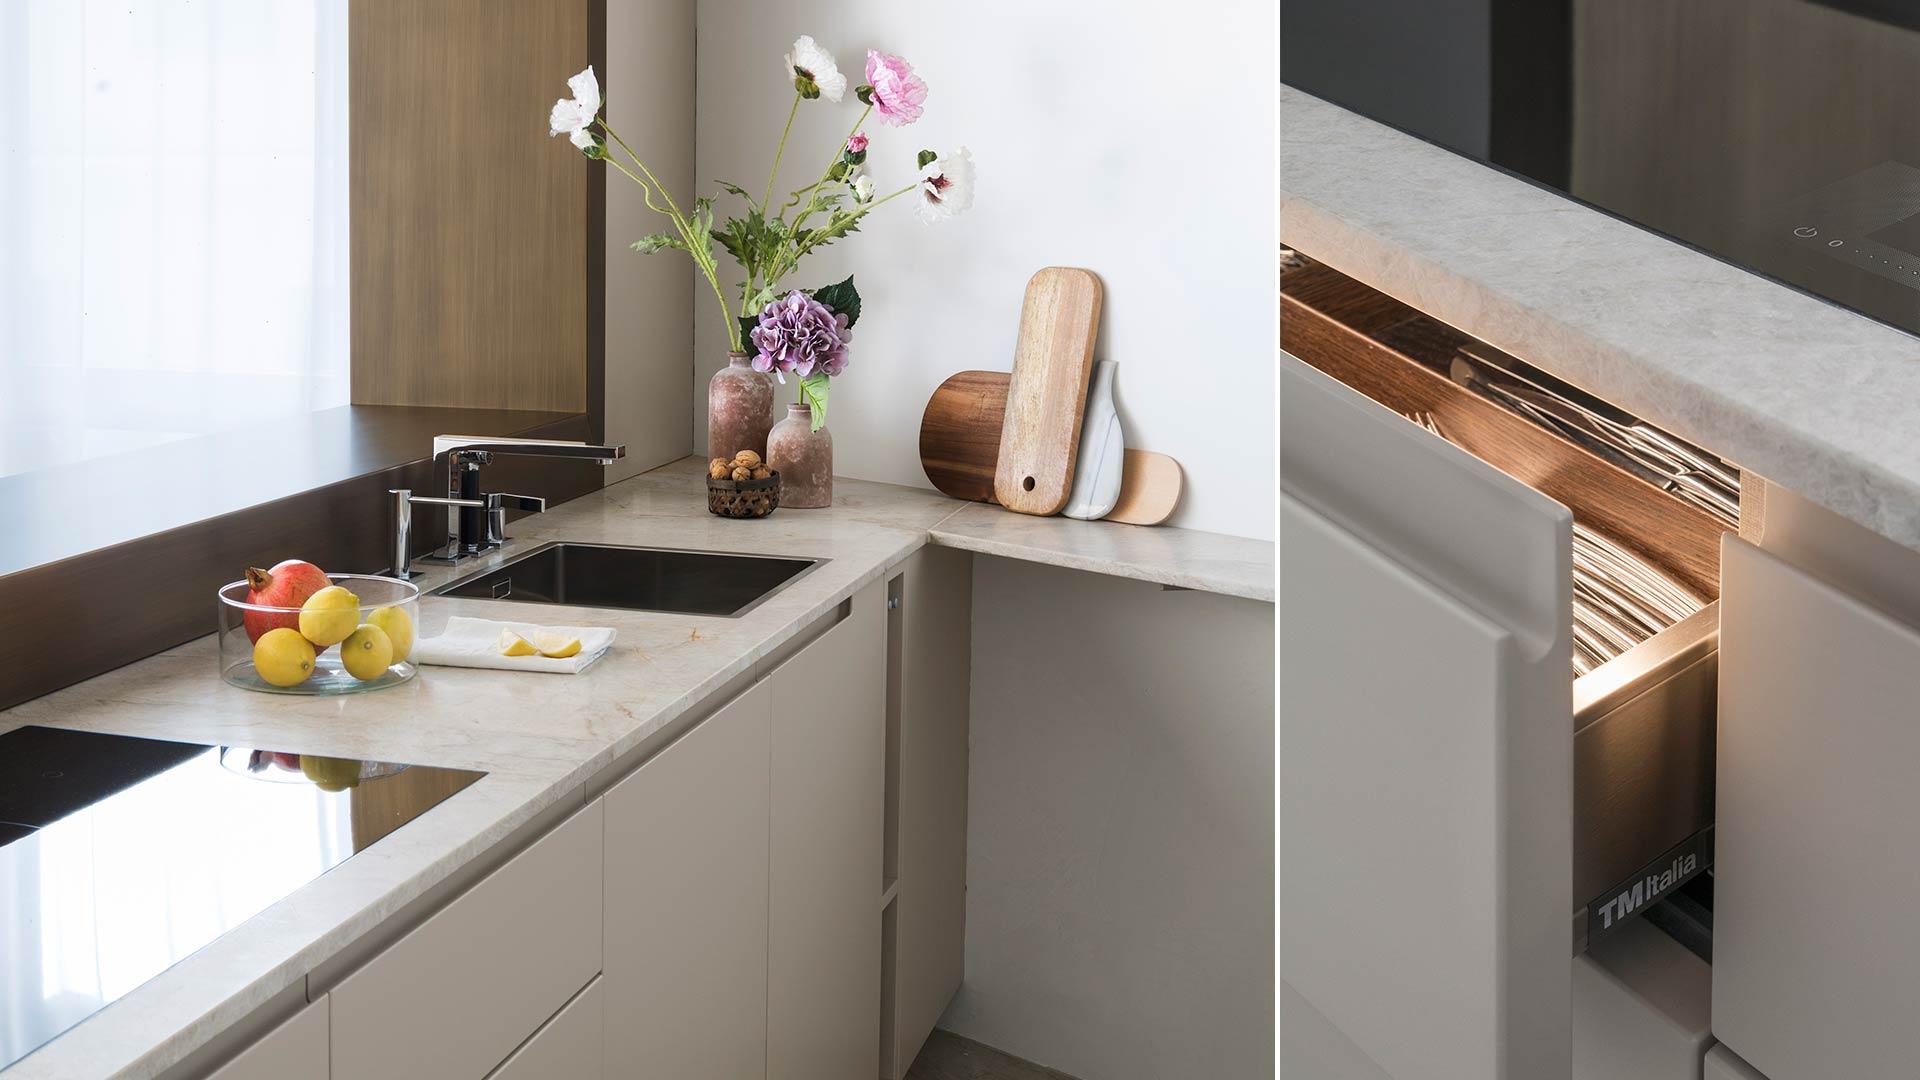 Soluzione cucina con apertura sulla zona living, un progetto di interior chiavi in mano | TM Italia - 201804_TMItalia_cucinaconaperturasullazonaliving-4